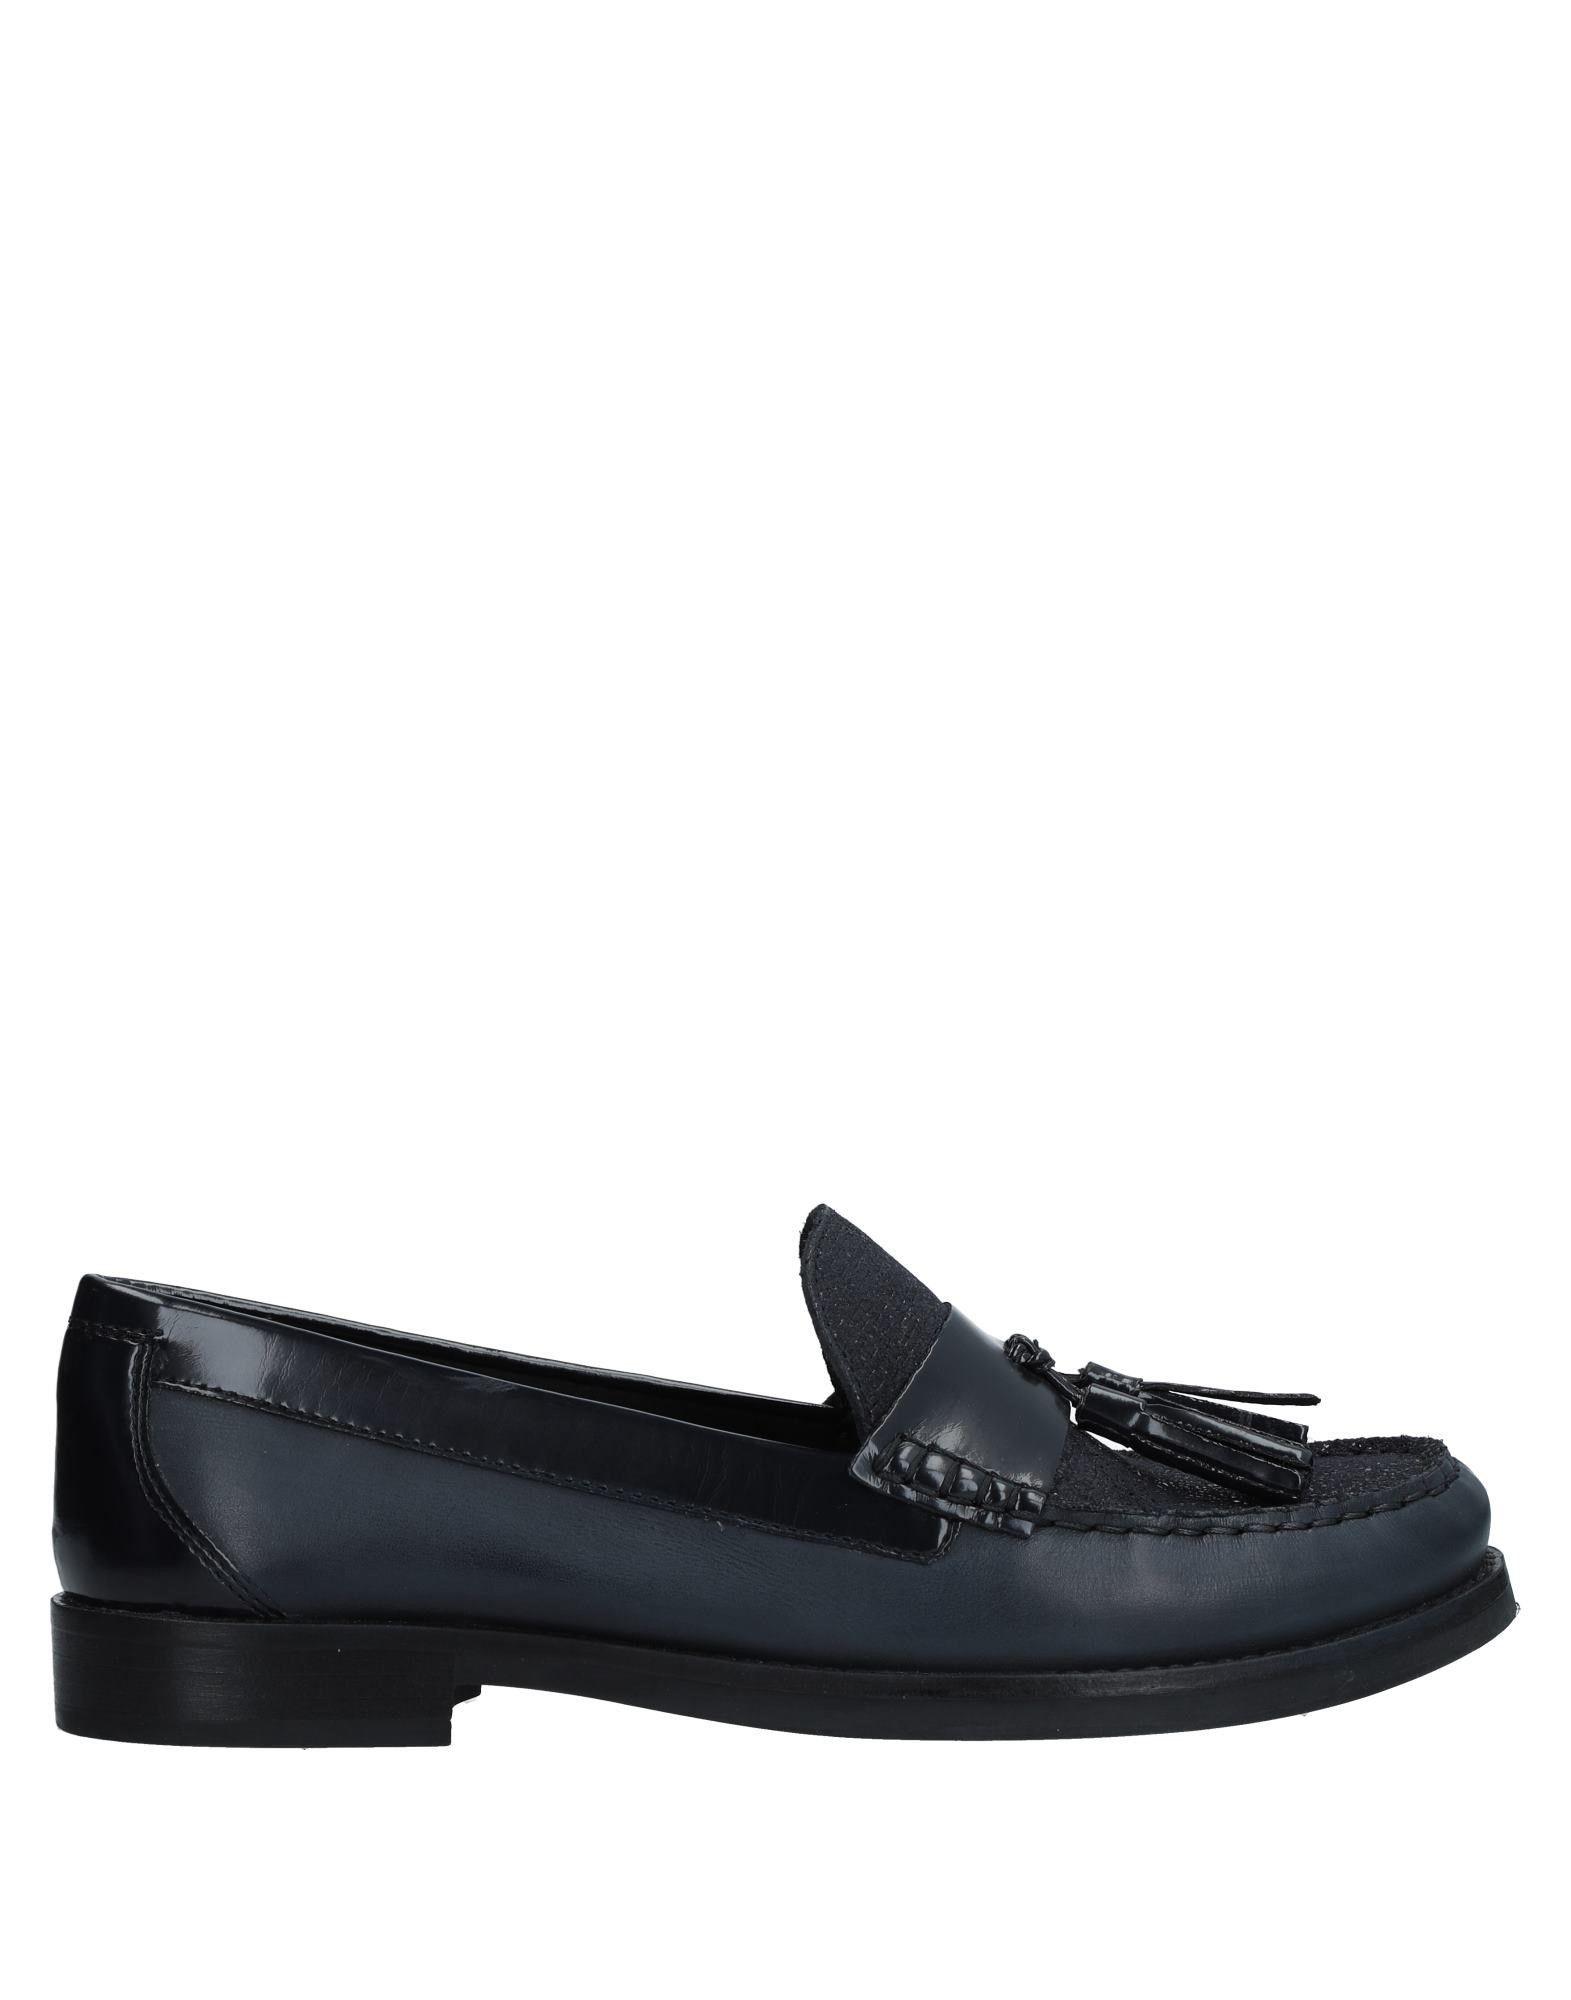 Geox Gute Mokassins Damen  11540543NW Gute Geox Qualität beliebte Schuhe 740a2e